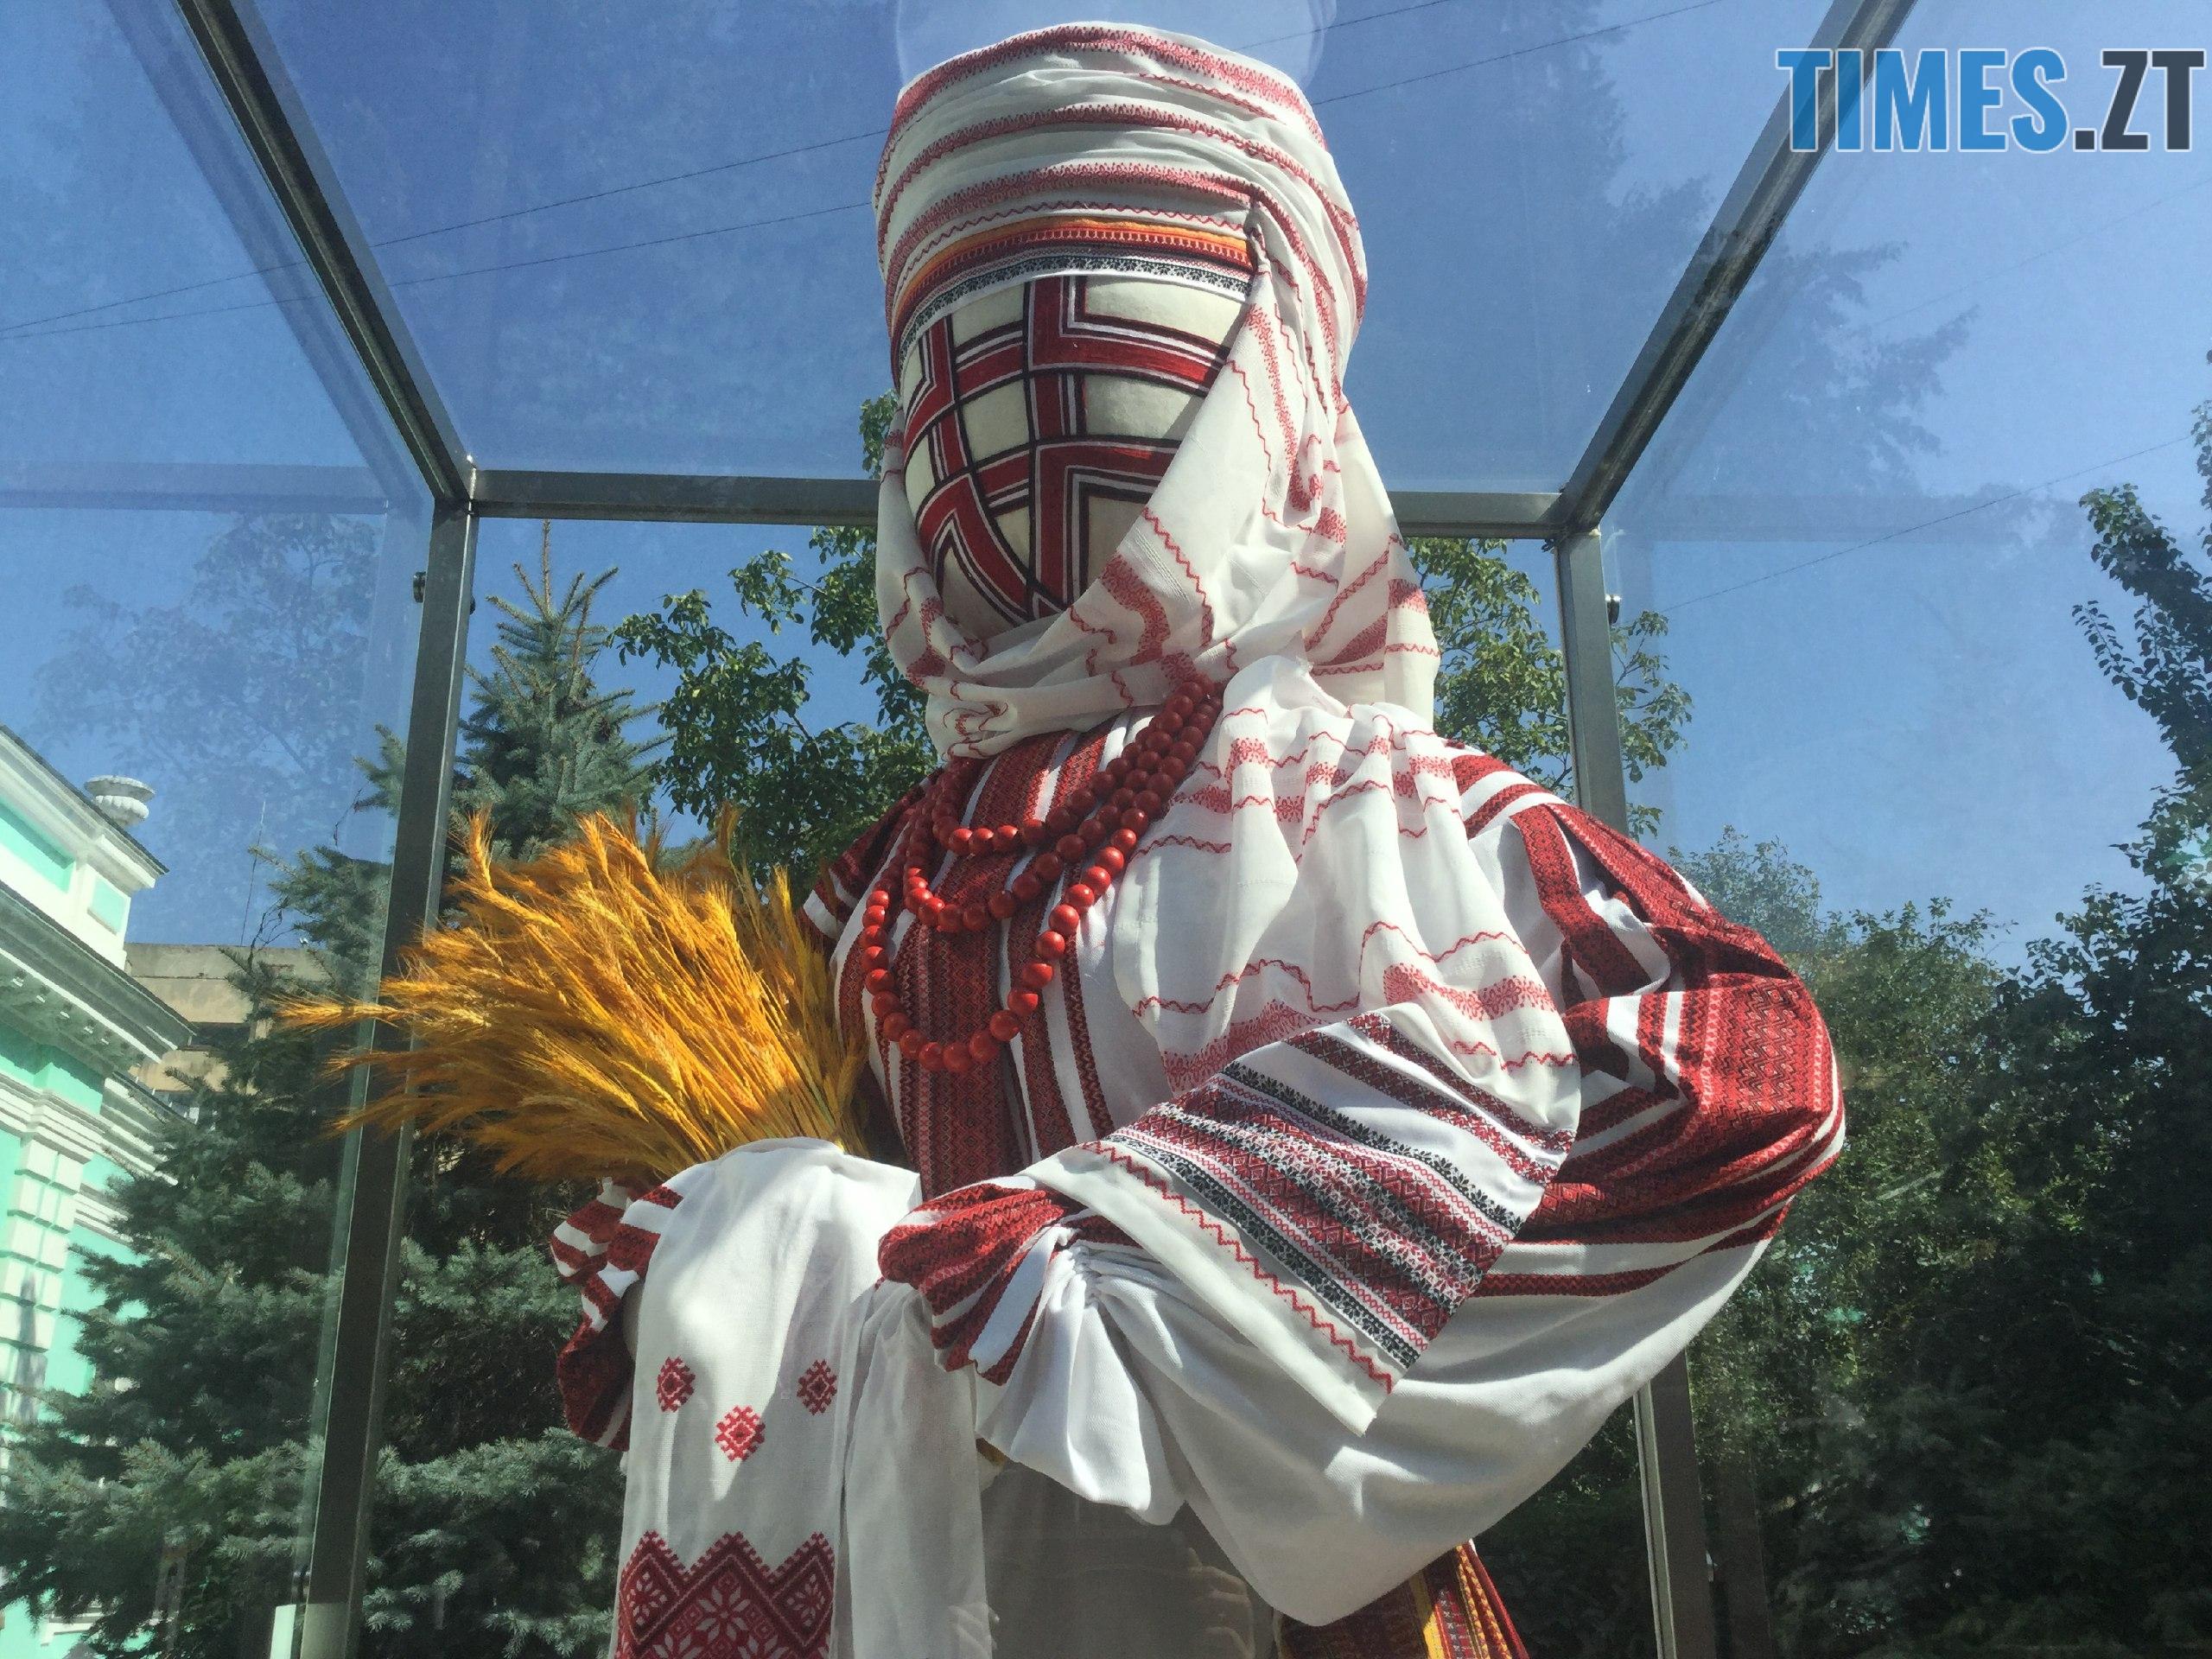 99dca204 6dc9 460f ae07 6368ba5cbff6 - До Дня незалежності у Житомирі «переодяглася» лялька-мотанка (ФОТО)